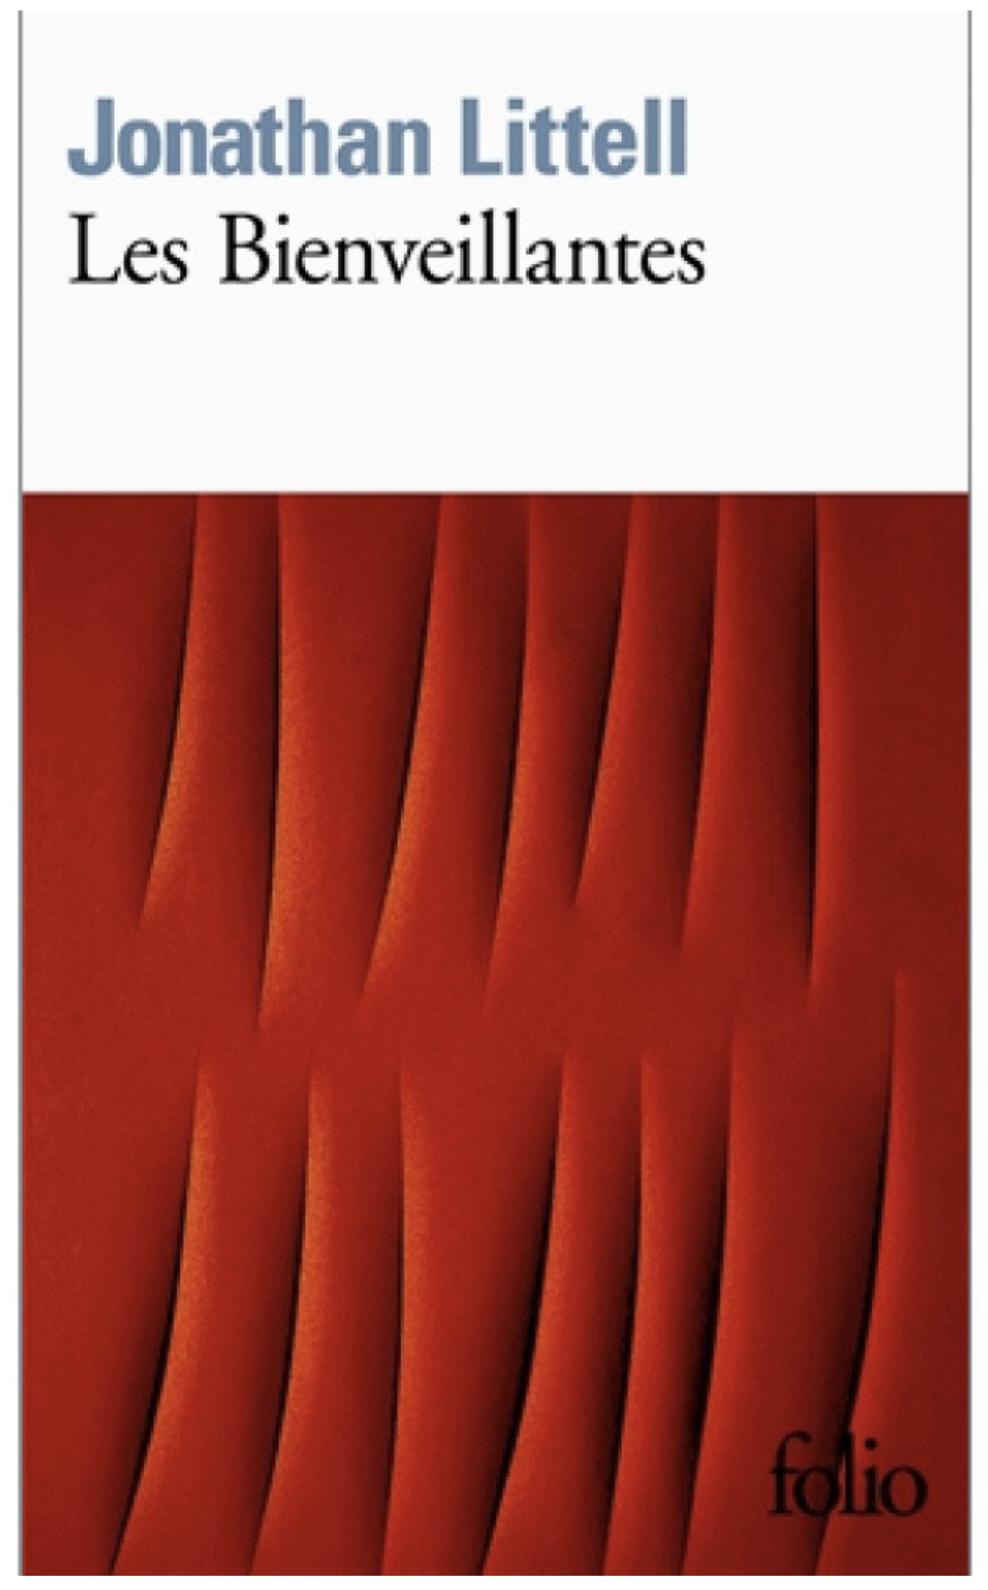 Оригинальная обложка романа